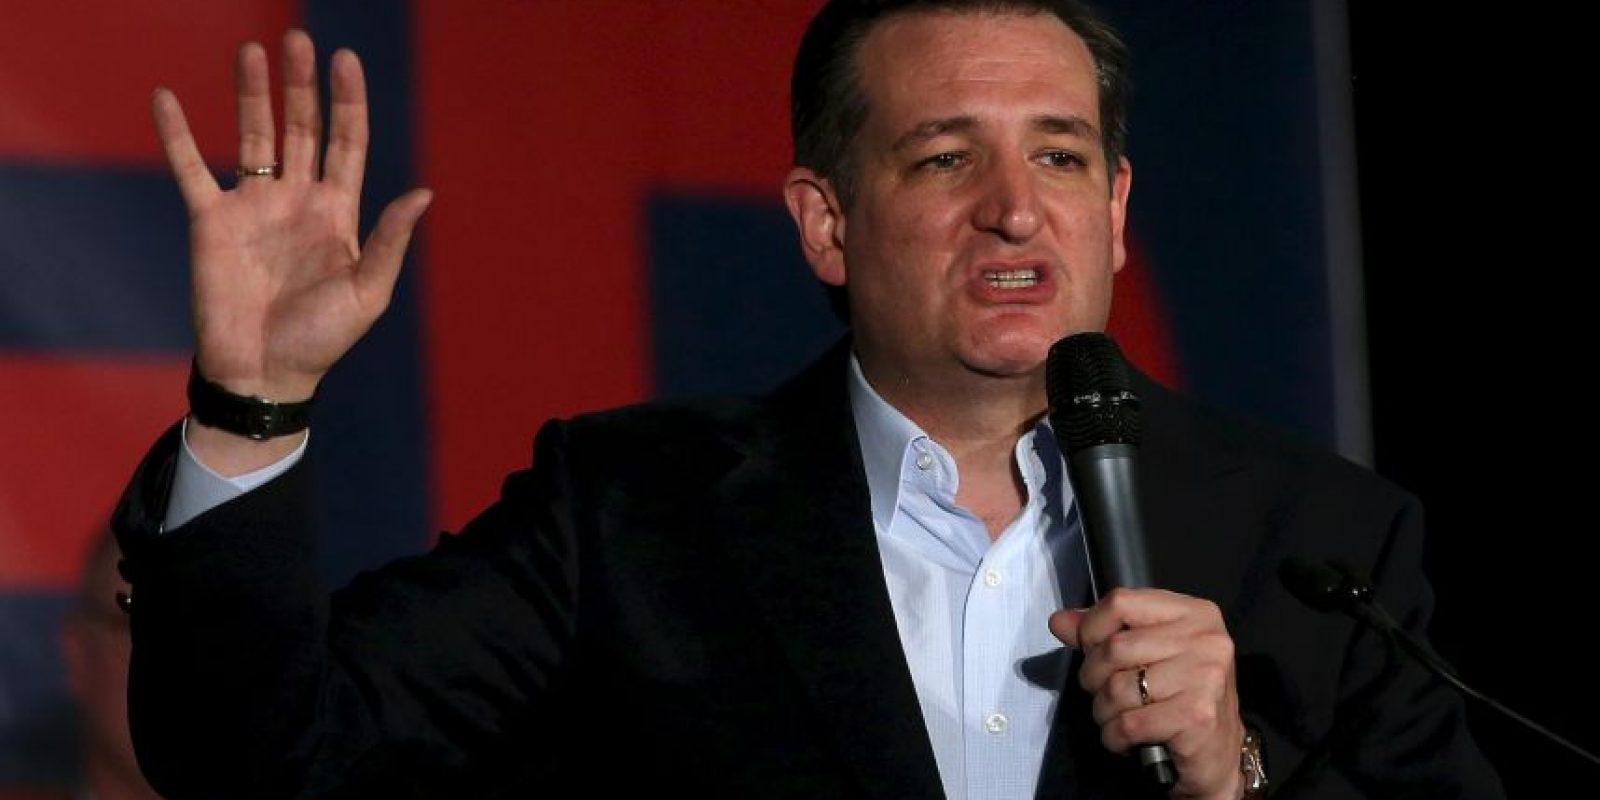 El foco estará sobre tres candidatos: Donald Trump, Ted Cruz y Marco Rubio. Foto:Getty Images